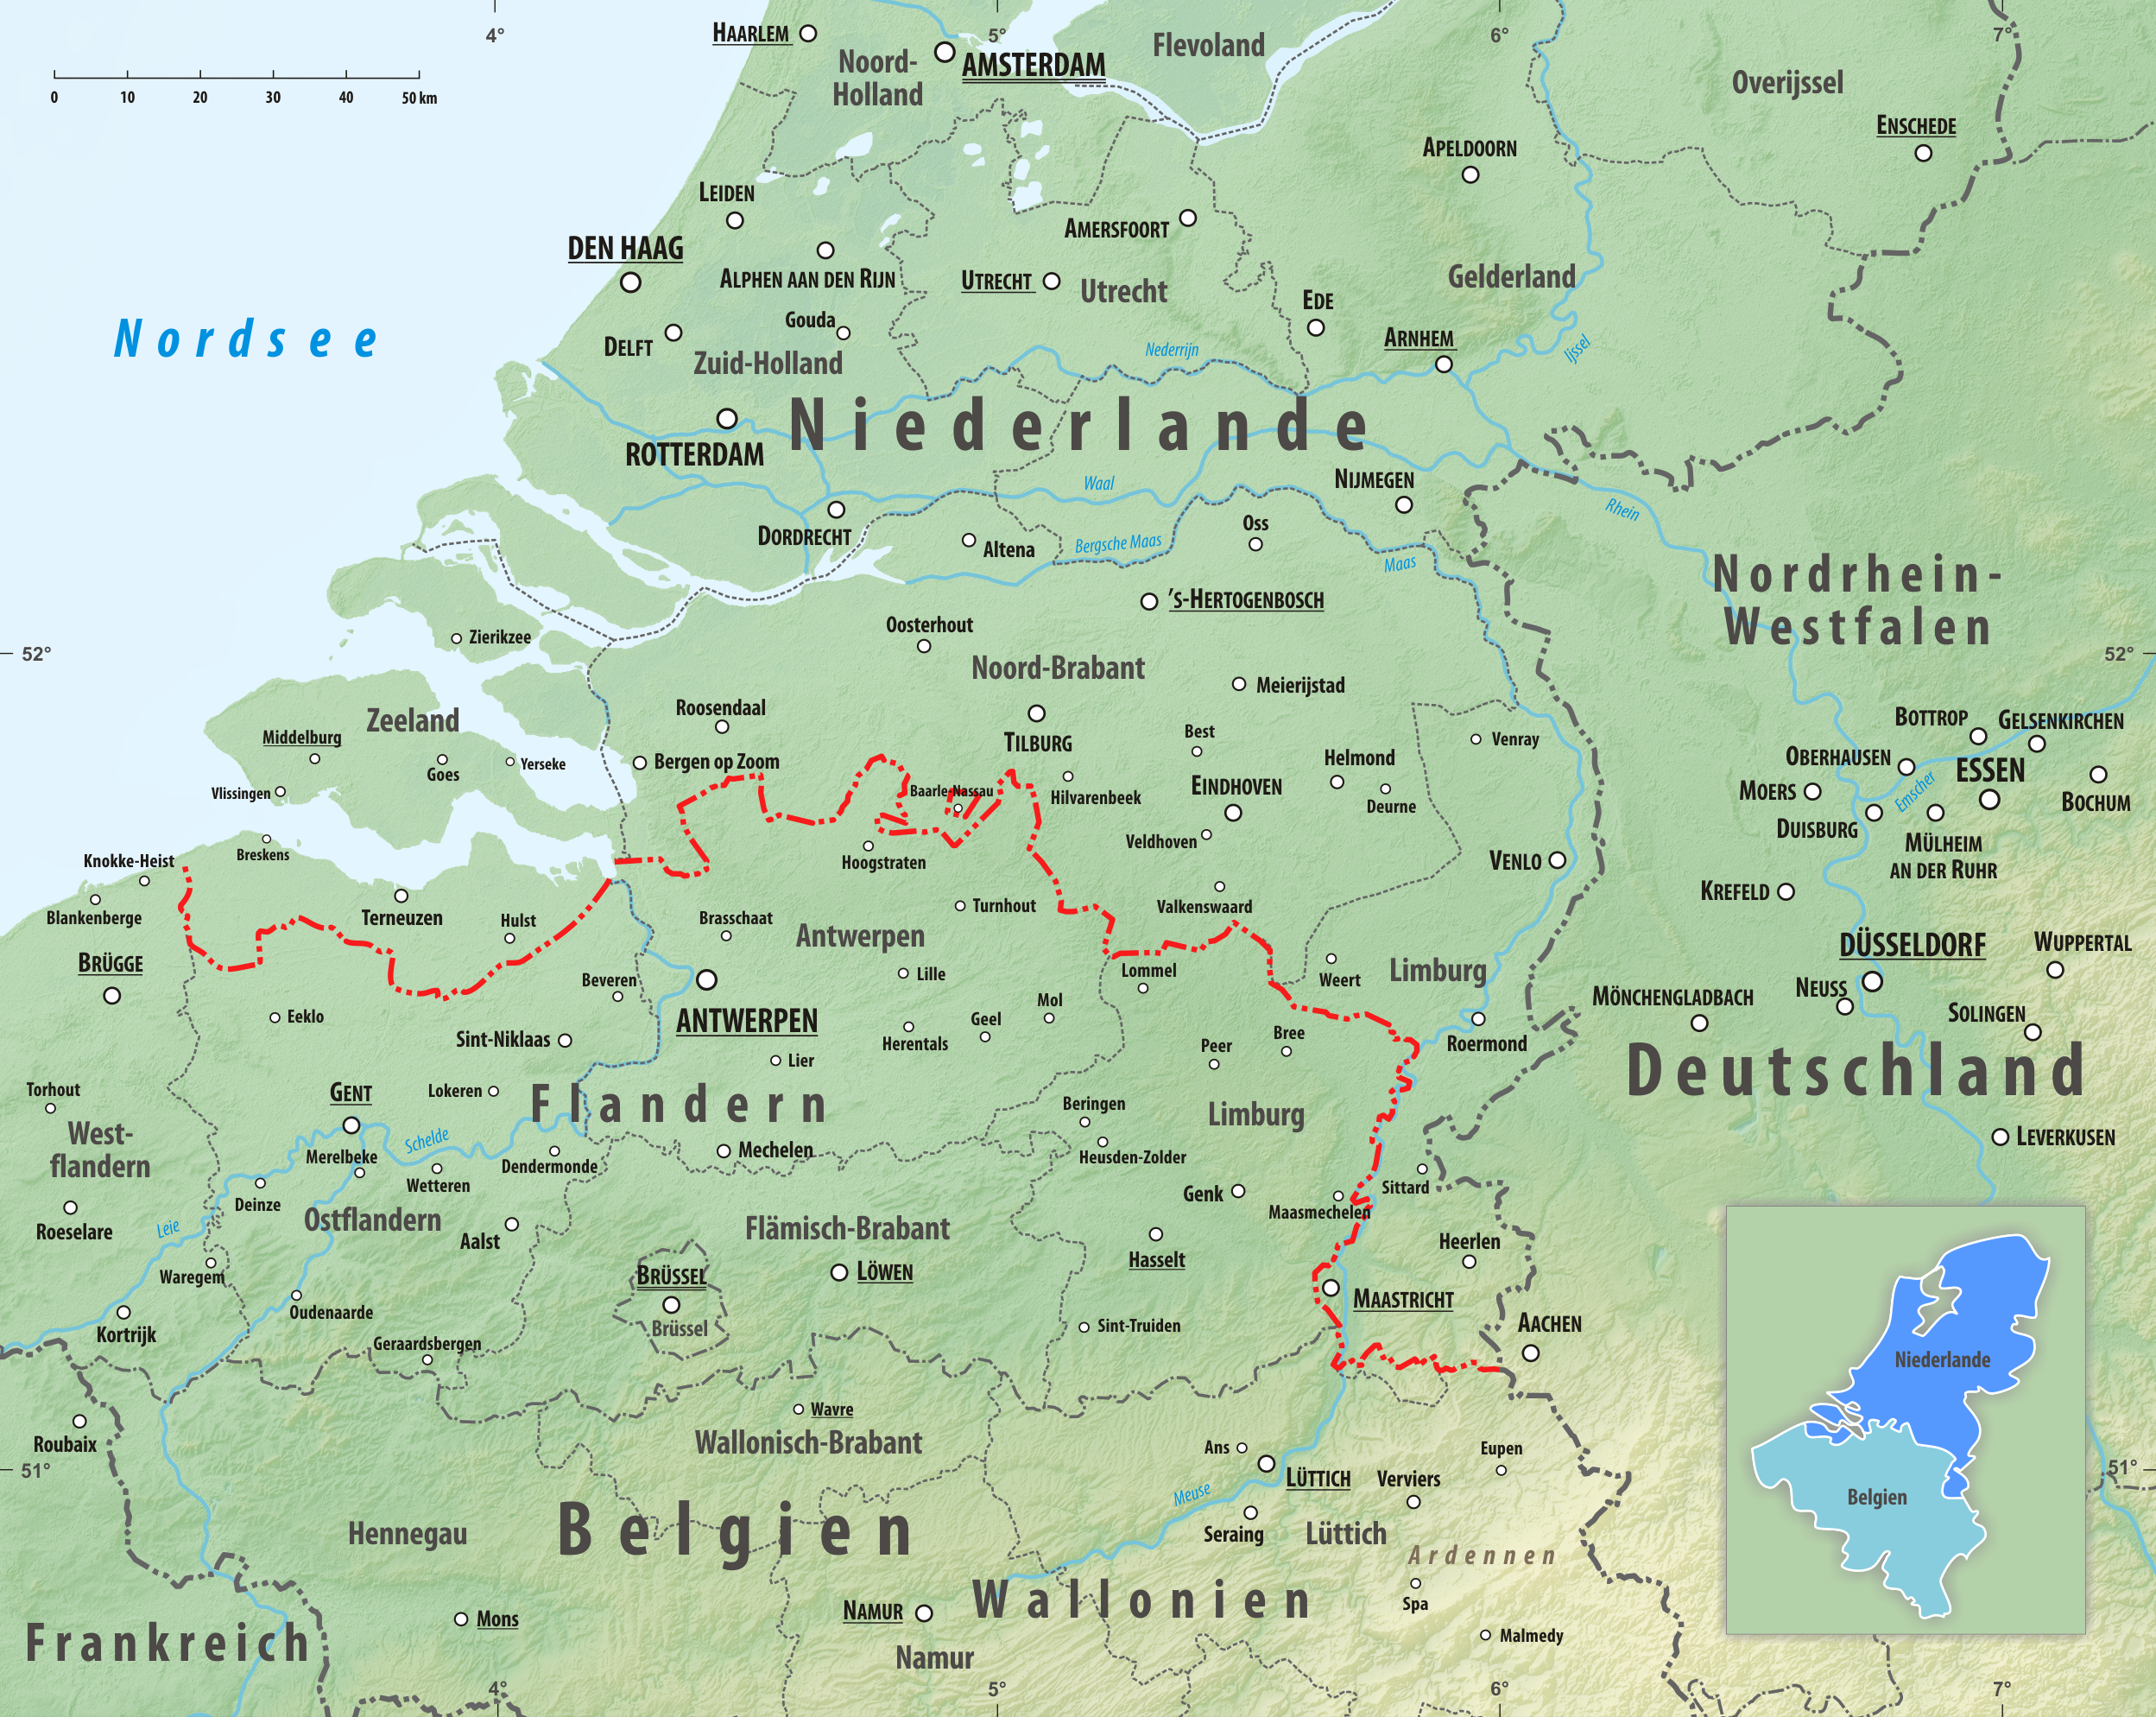 niederlande grenzen offen